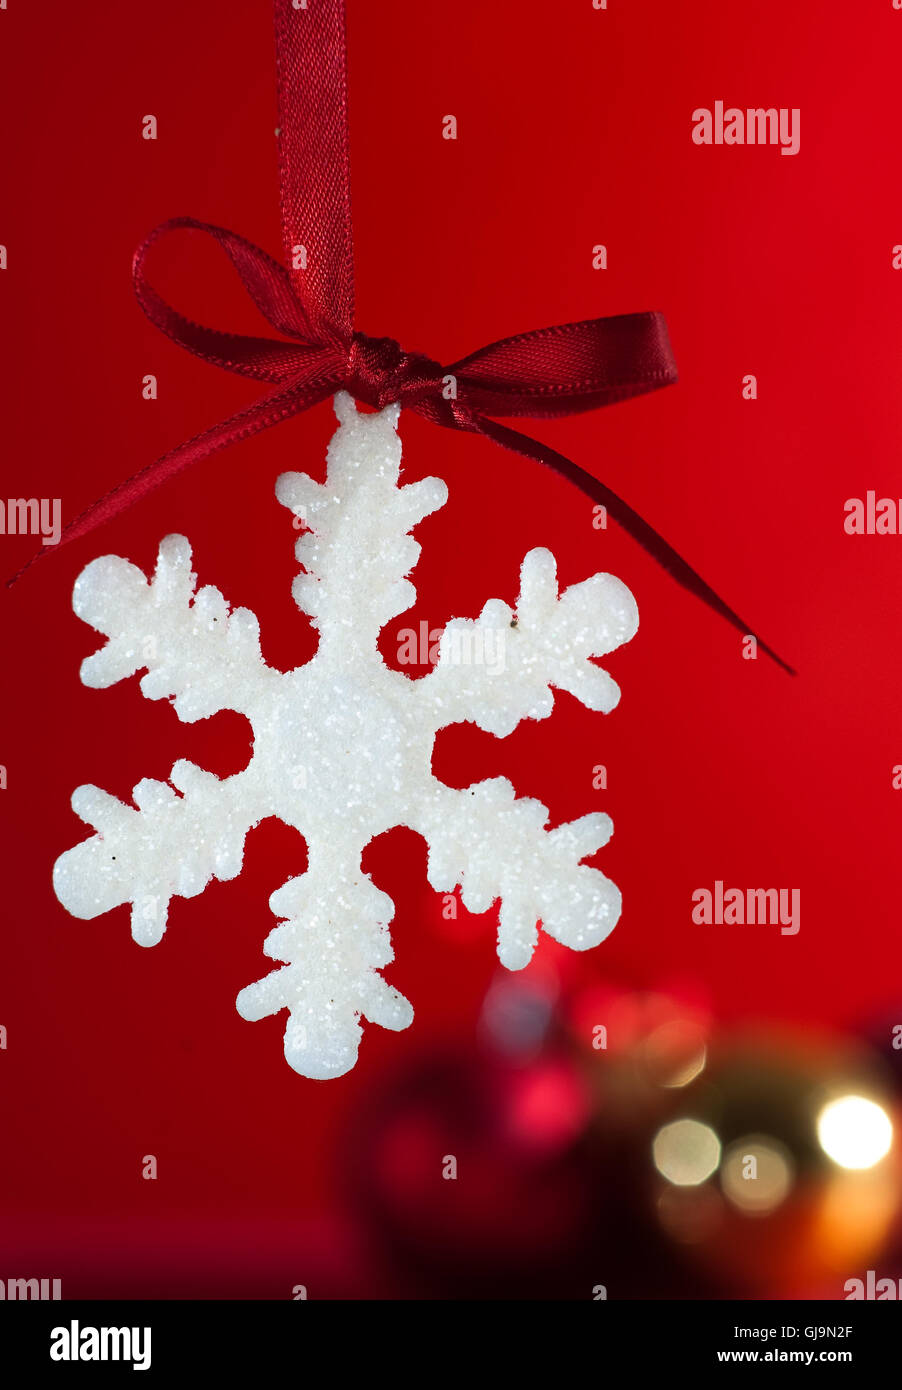 christmas snowflake - Stock Image